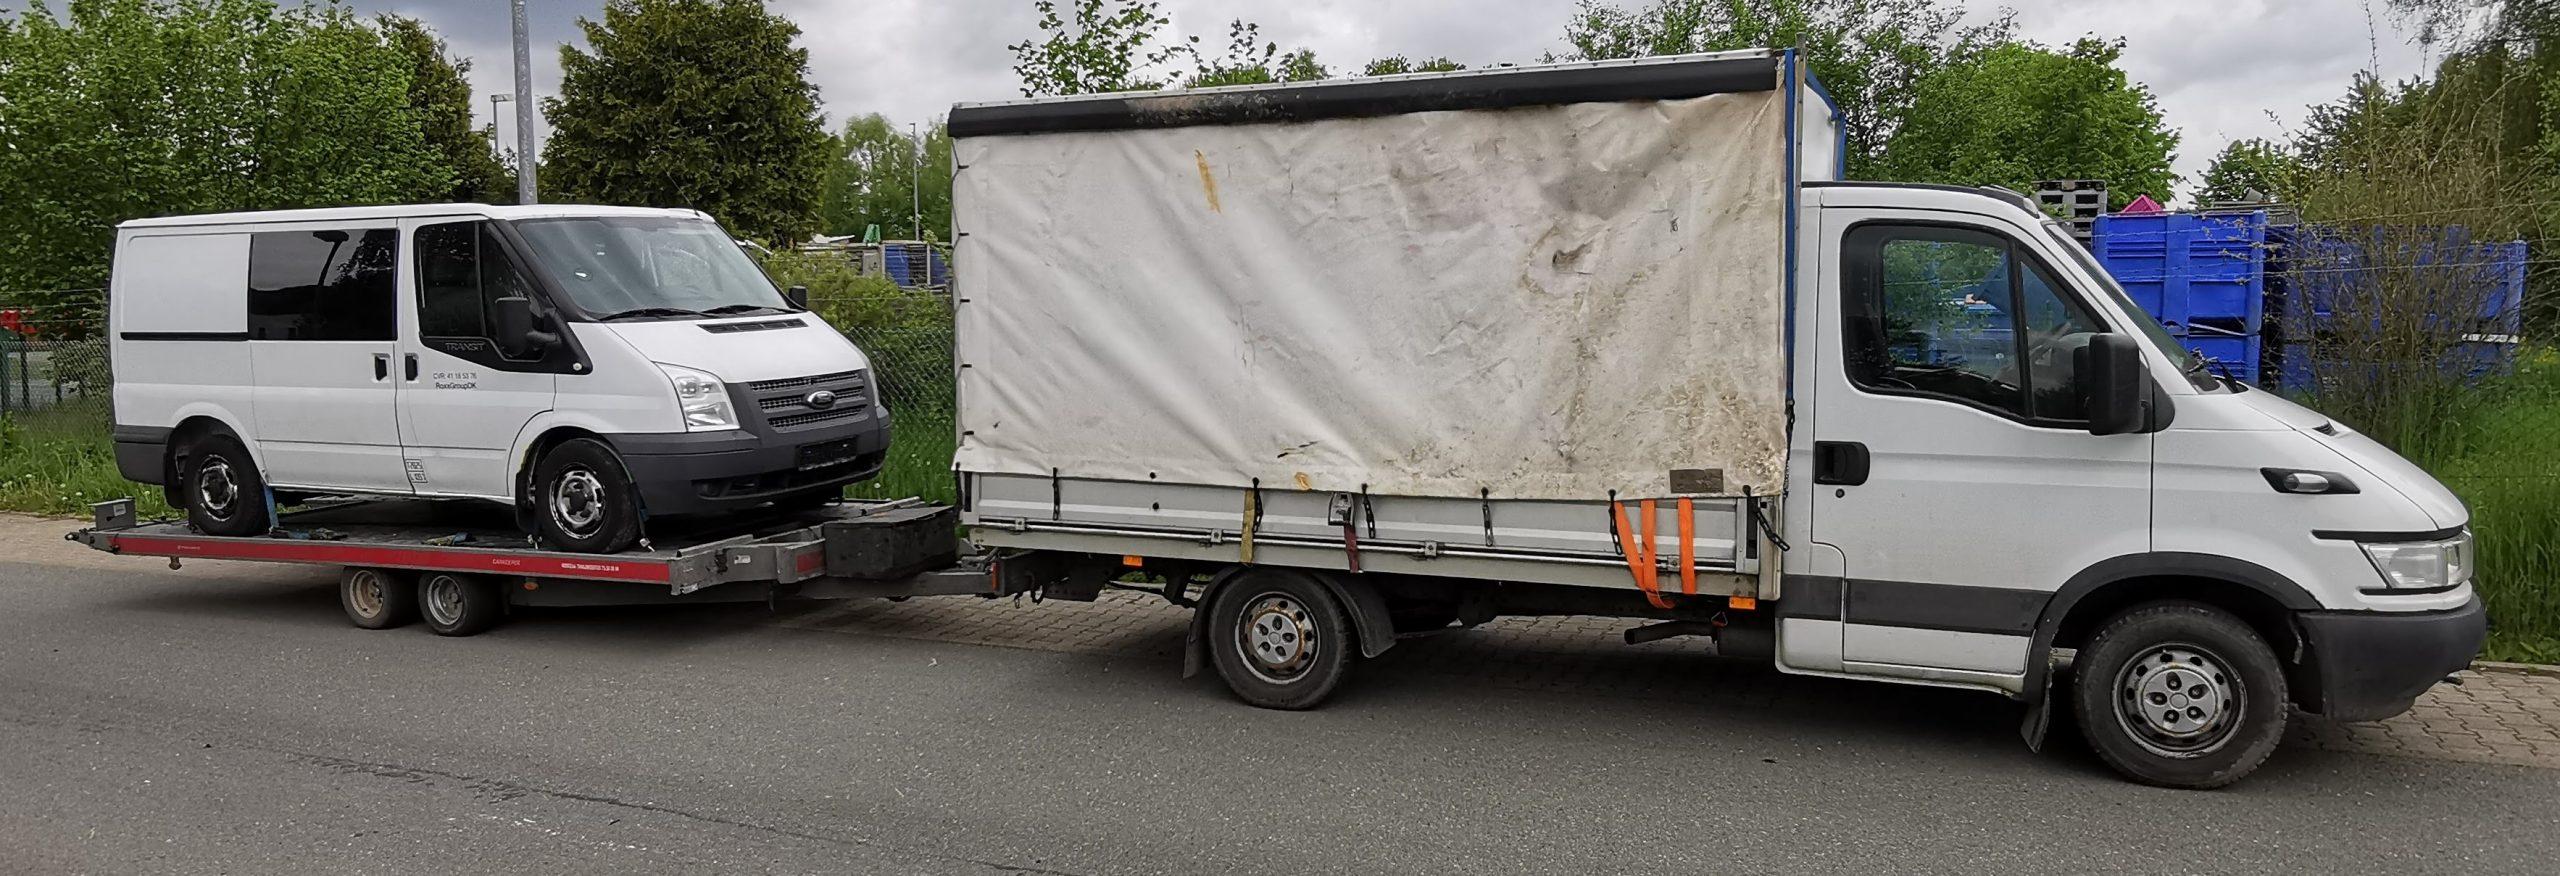 Controale privind camioanele supraîncărcate pe A7, în Germania